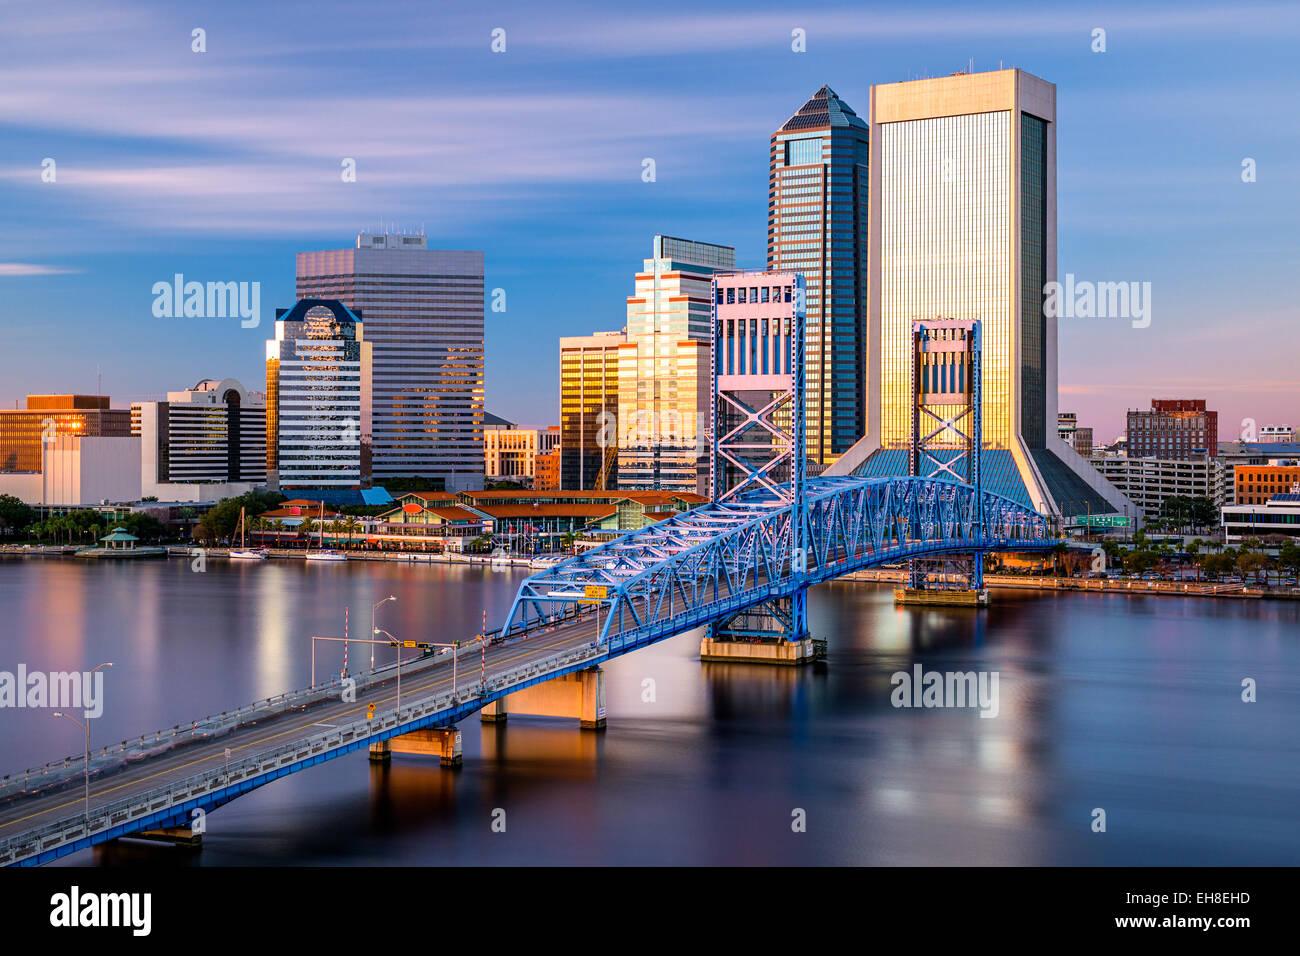 Die Innenstadt von Skyline von Jacksonville, Florida, USA. Stockbild